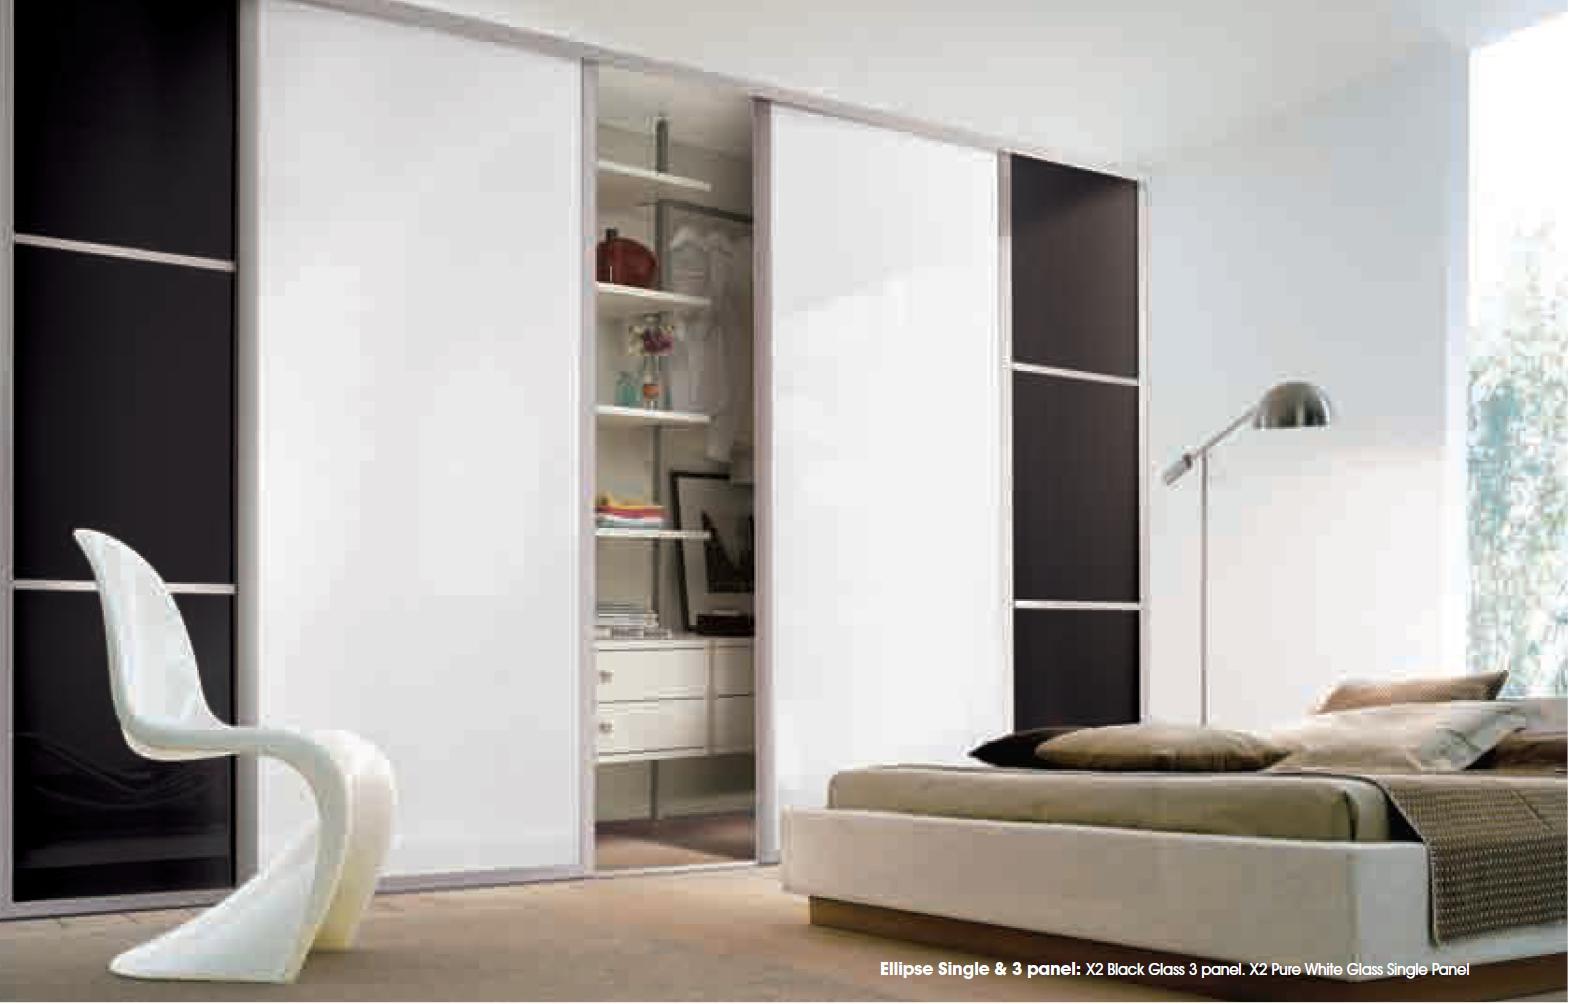 mur-de-rangement-menage-tri-rangement-epuration-maison-menage-organisation-minimalisme-decorer_deco_idees_solutions_trucs_conseils_comment_decoration_interieure_design_interieur_ameublement_quebec_canada